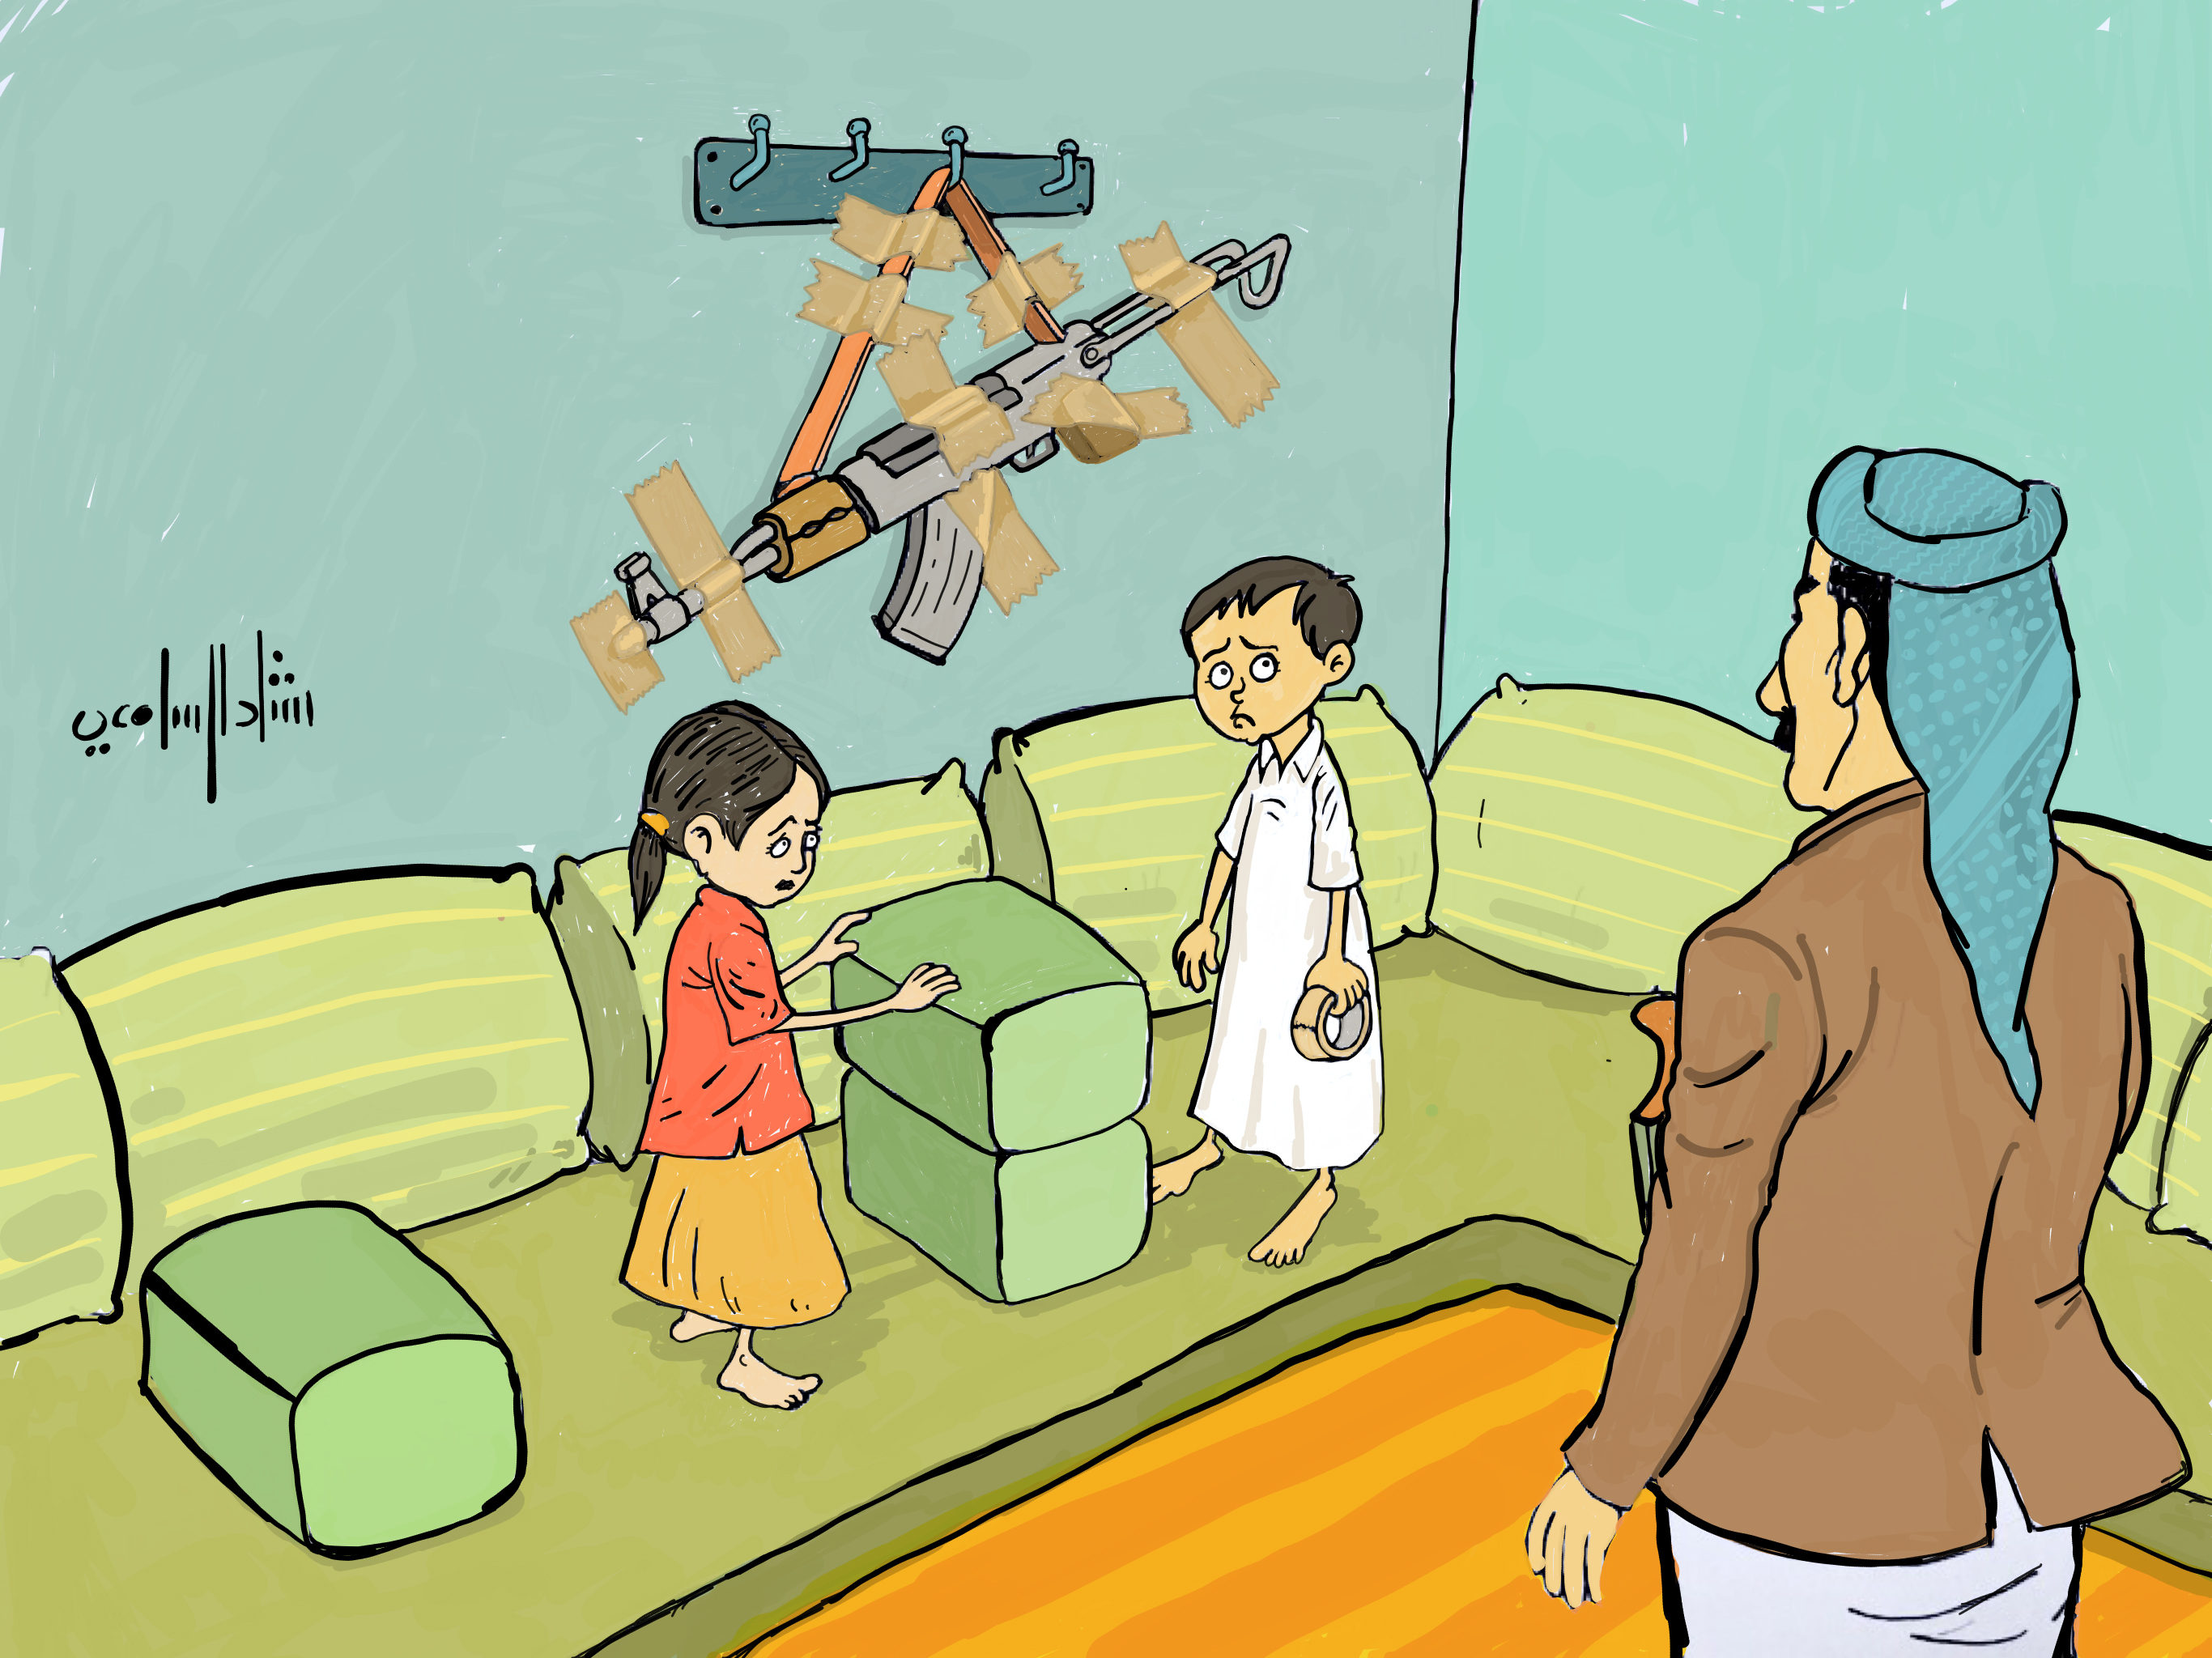 السامعي  ..فنان يمني بارز يقاتل أوجاع الحرب برسوم كاريكاتيرية